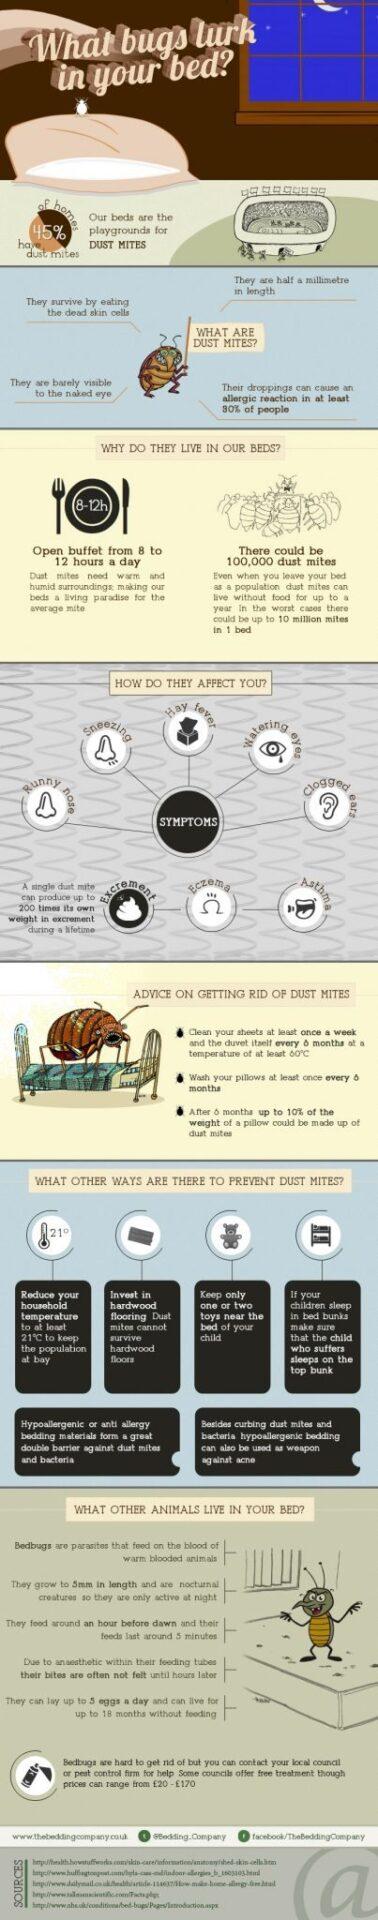 Dust mites: Infographic